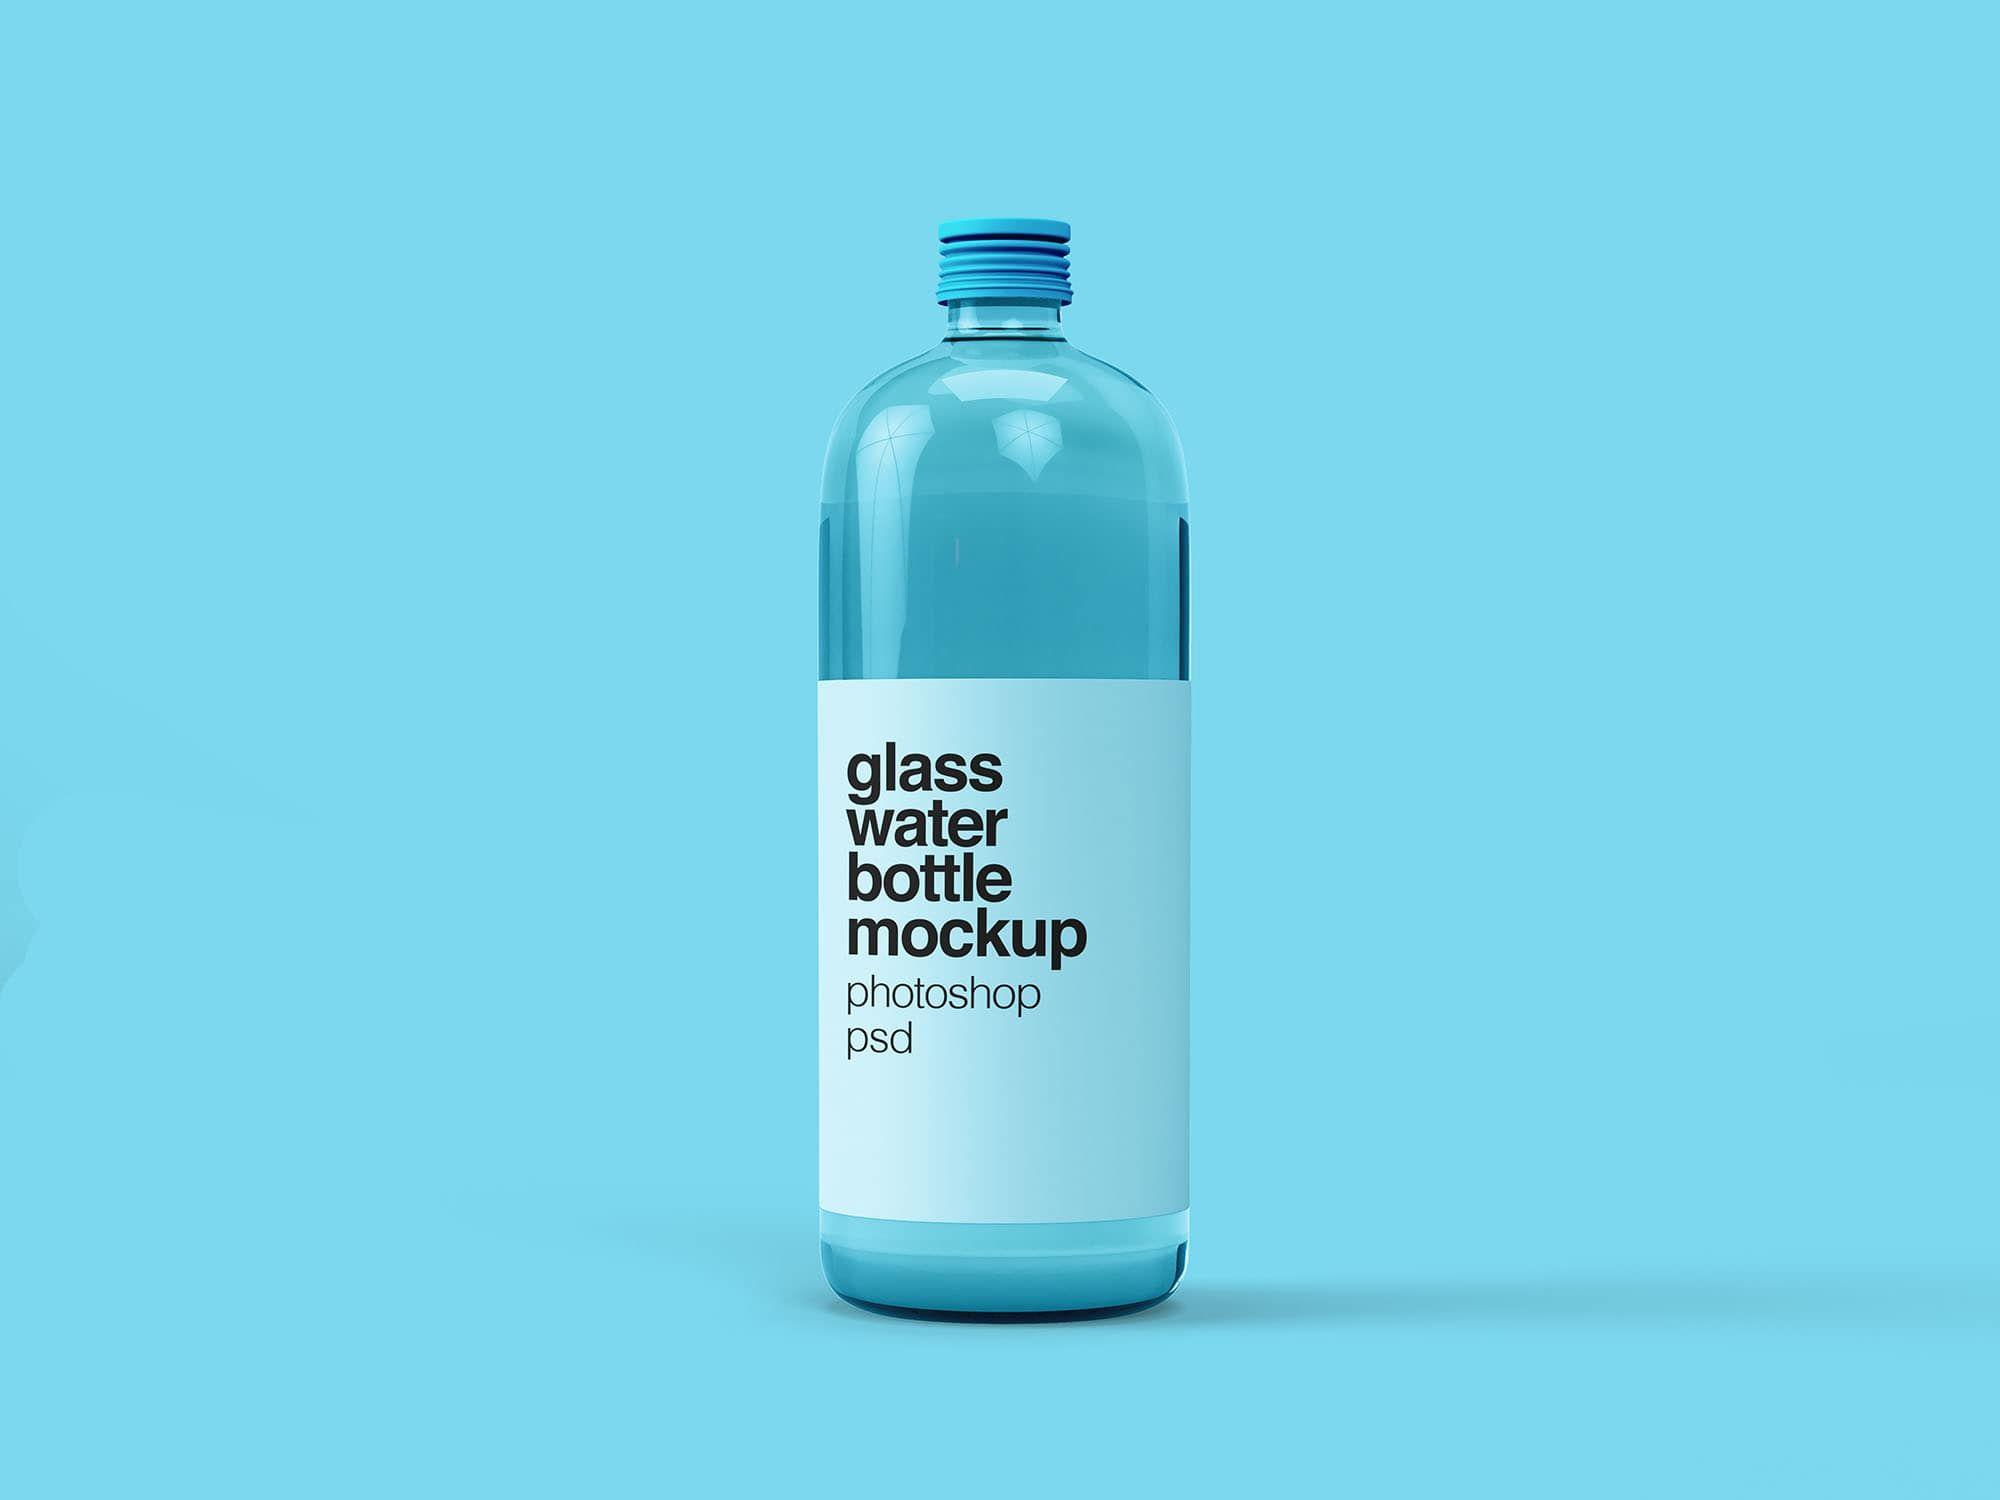 Free Glass Water Bottle Mockup Water Bottle Bottle Mockup Bottle